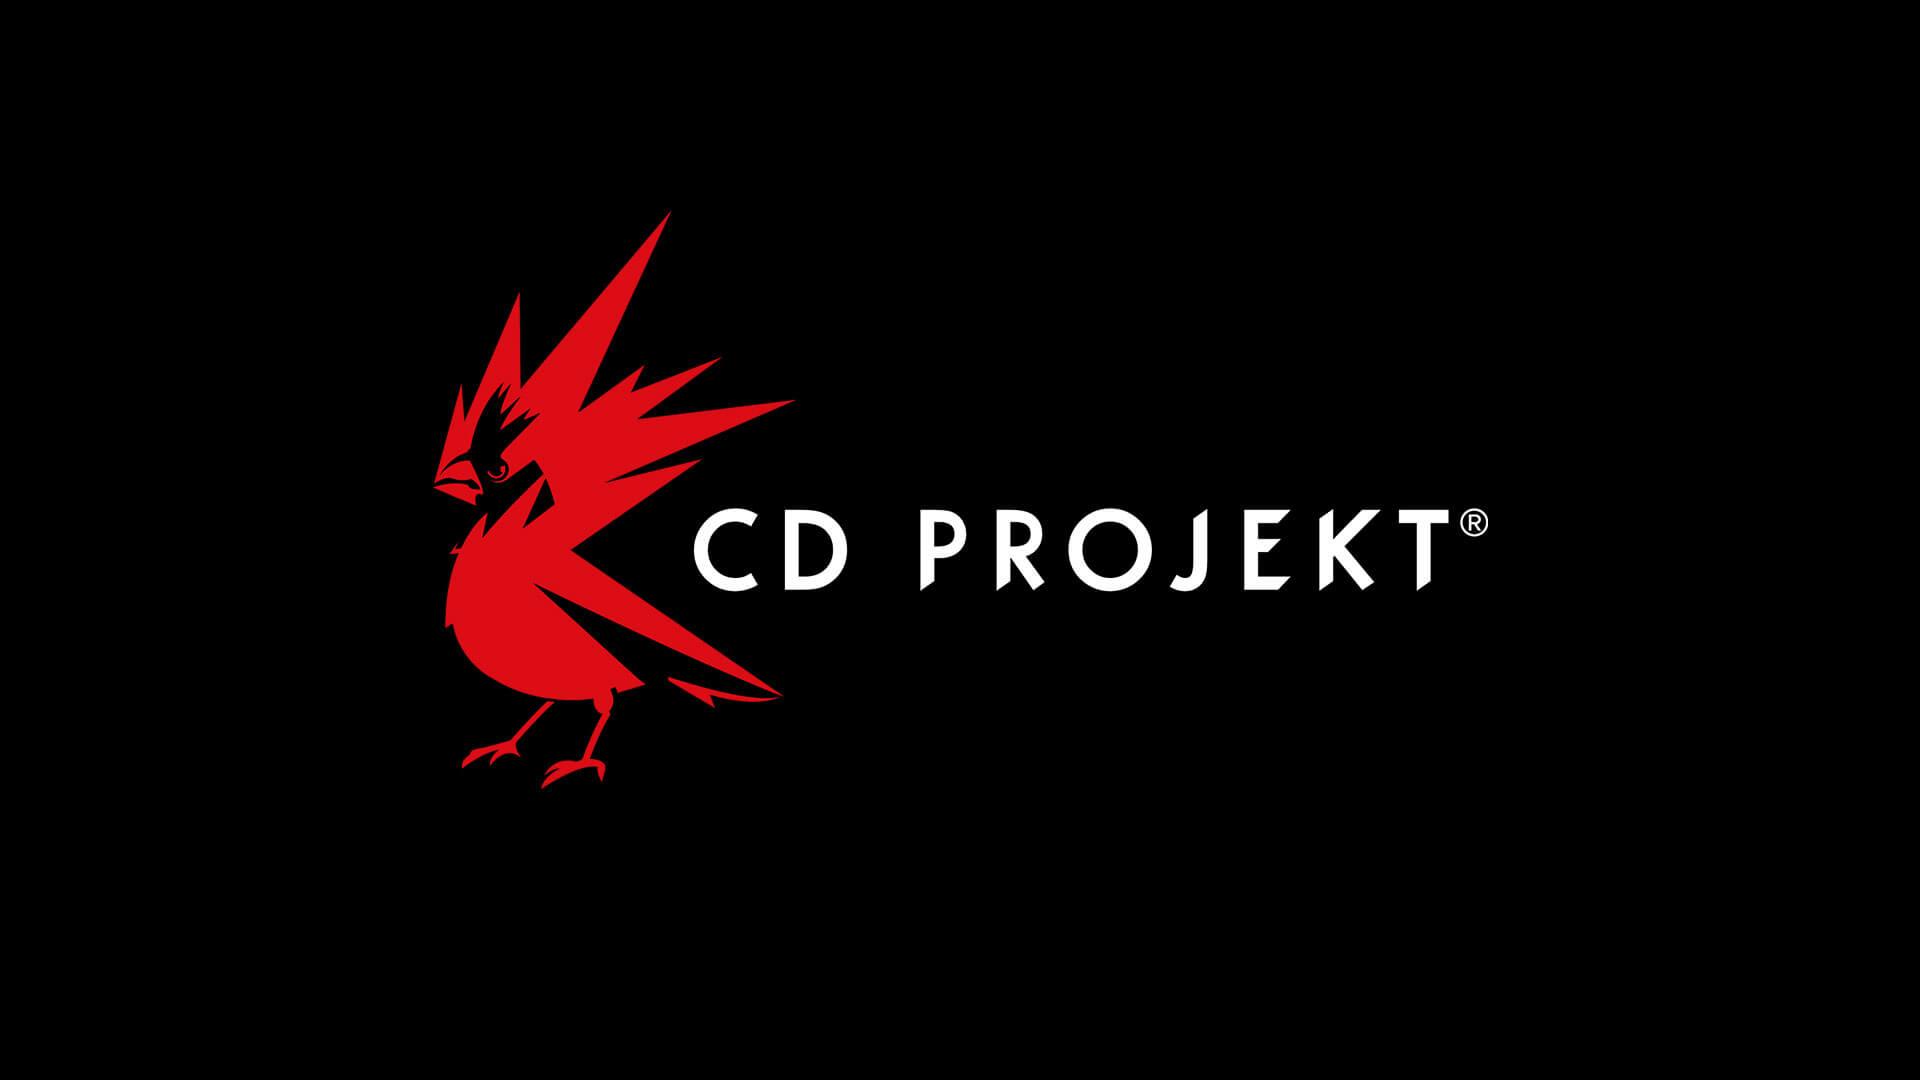 Portada adquisición CD Projekt